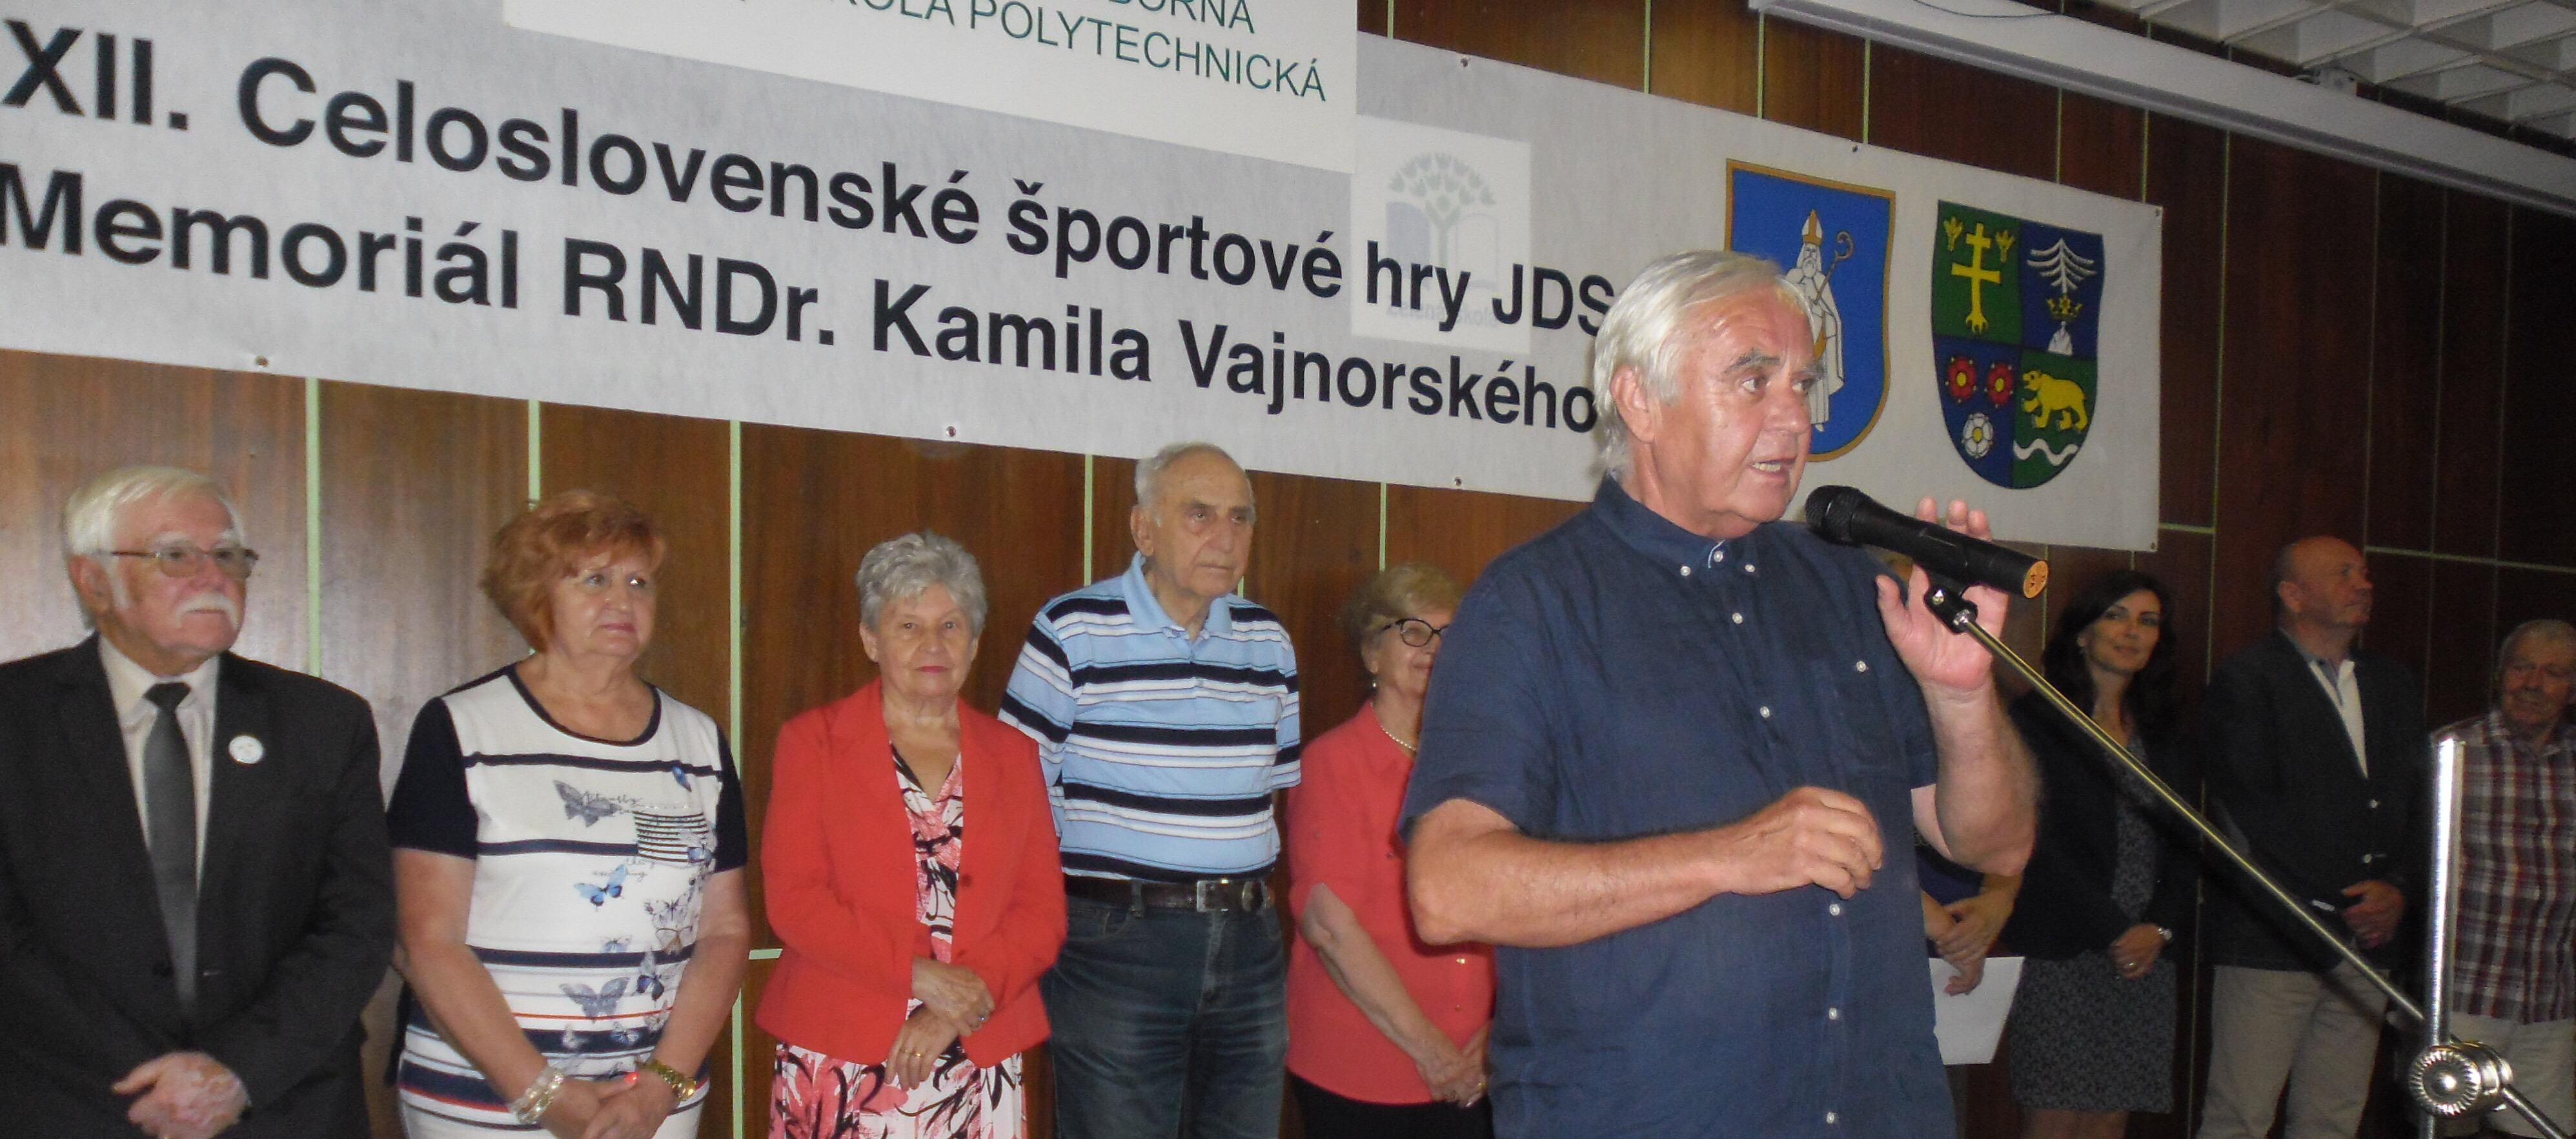 XXII. Celoslovenské športové hry JDS, Memoriál RNDr. Kamila Vajnorského 2019